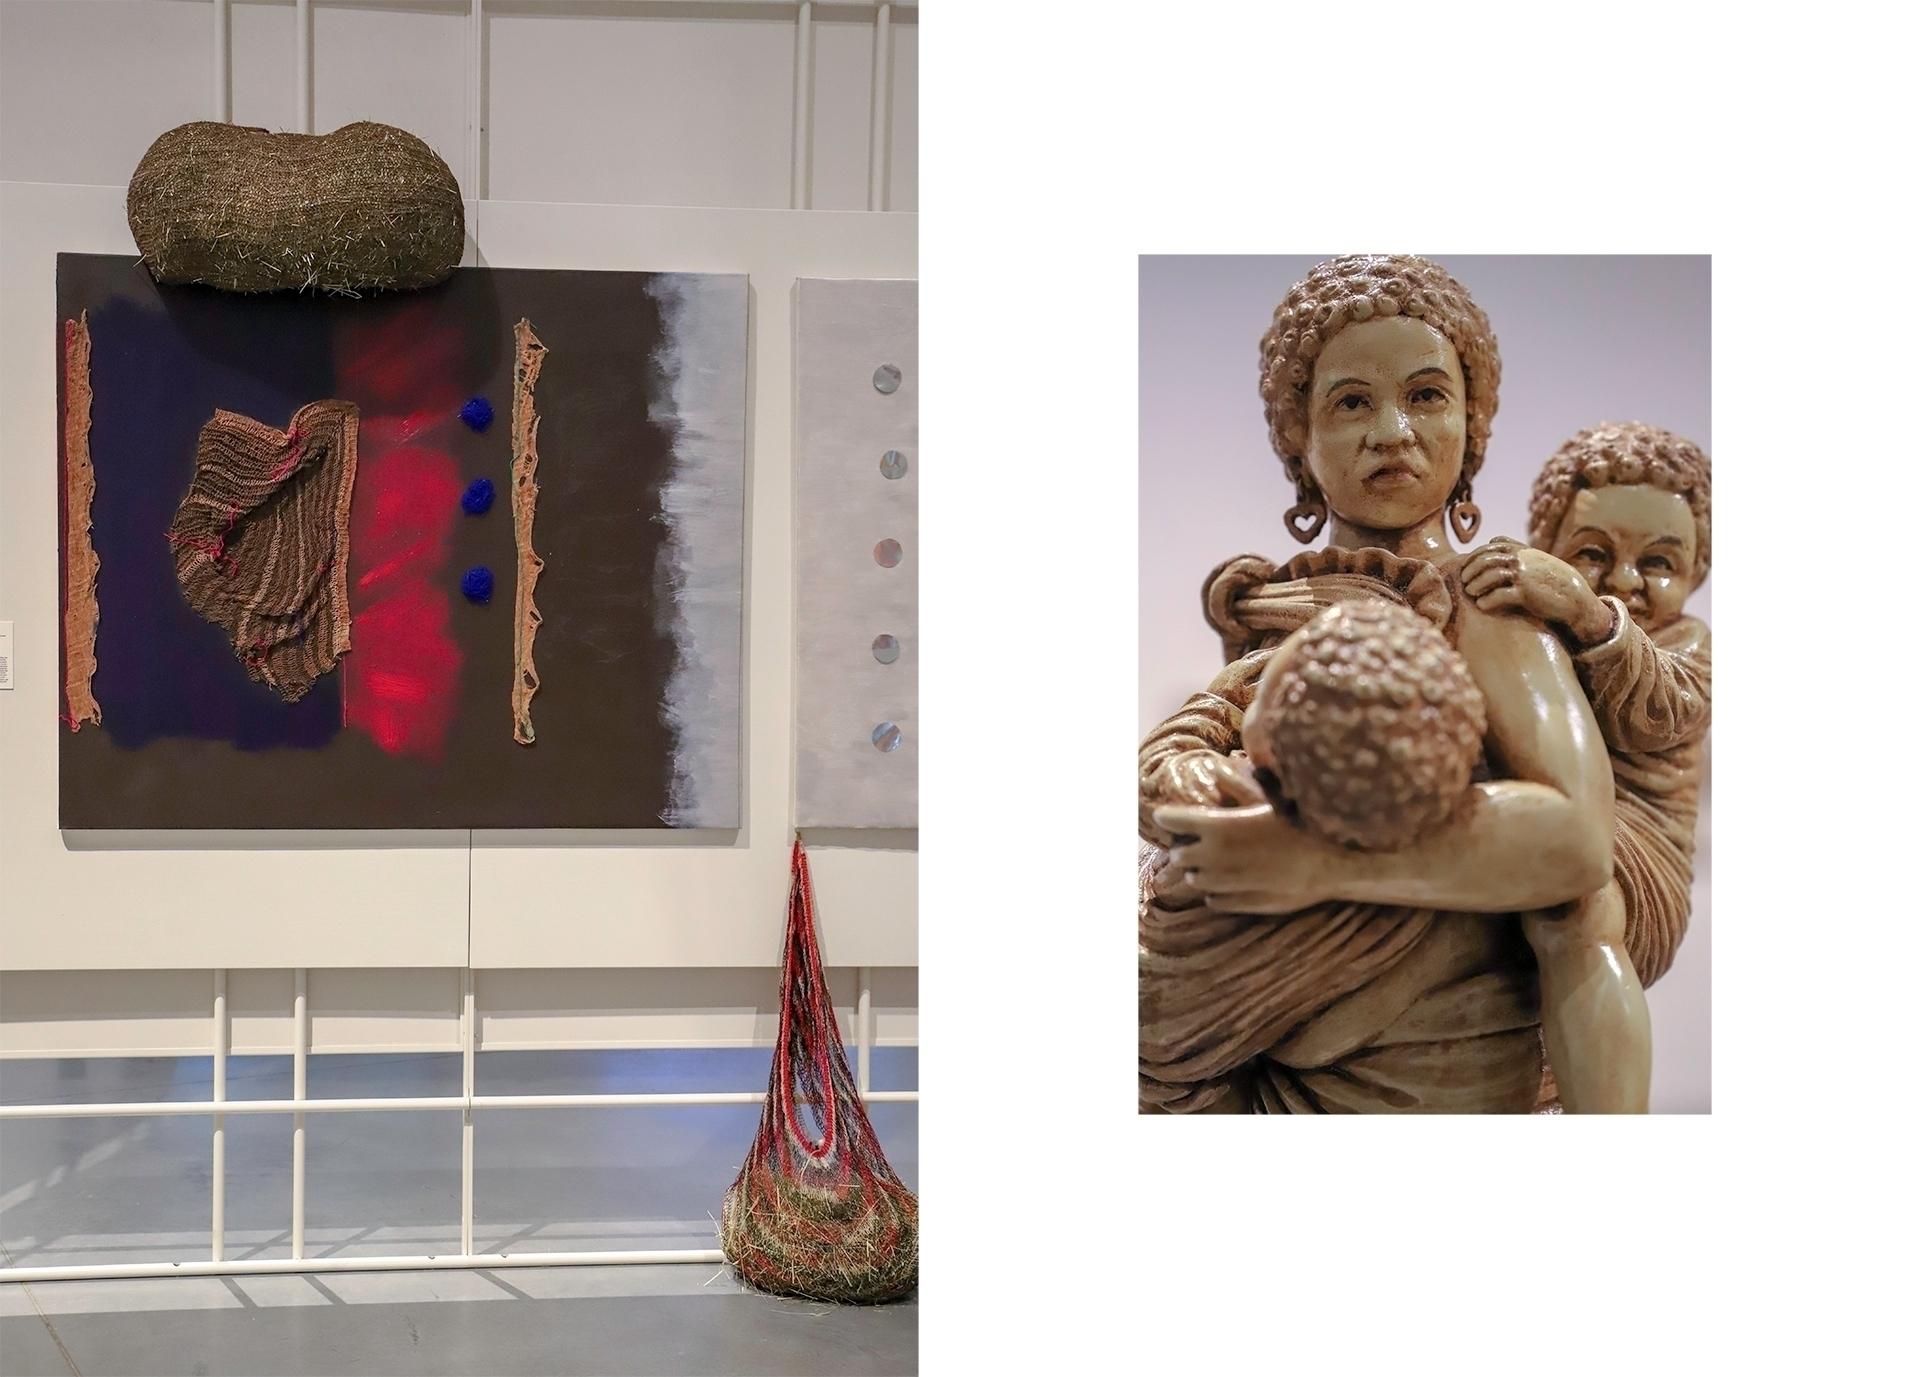 Obraz przedstawia dwa zdjęcia. Z lewej strony widzimy rzeźbę kobiety z dziećmi, z prawej obraz znanego artysty.